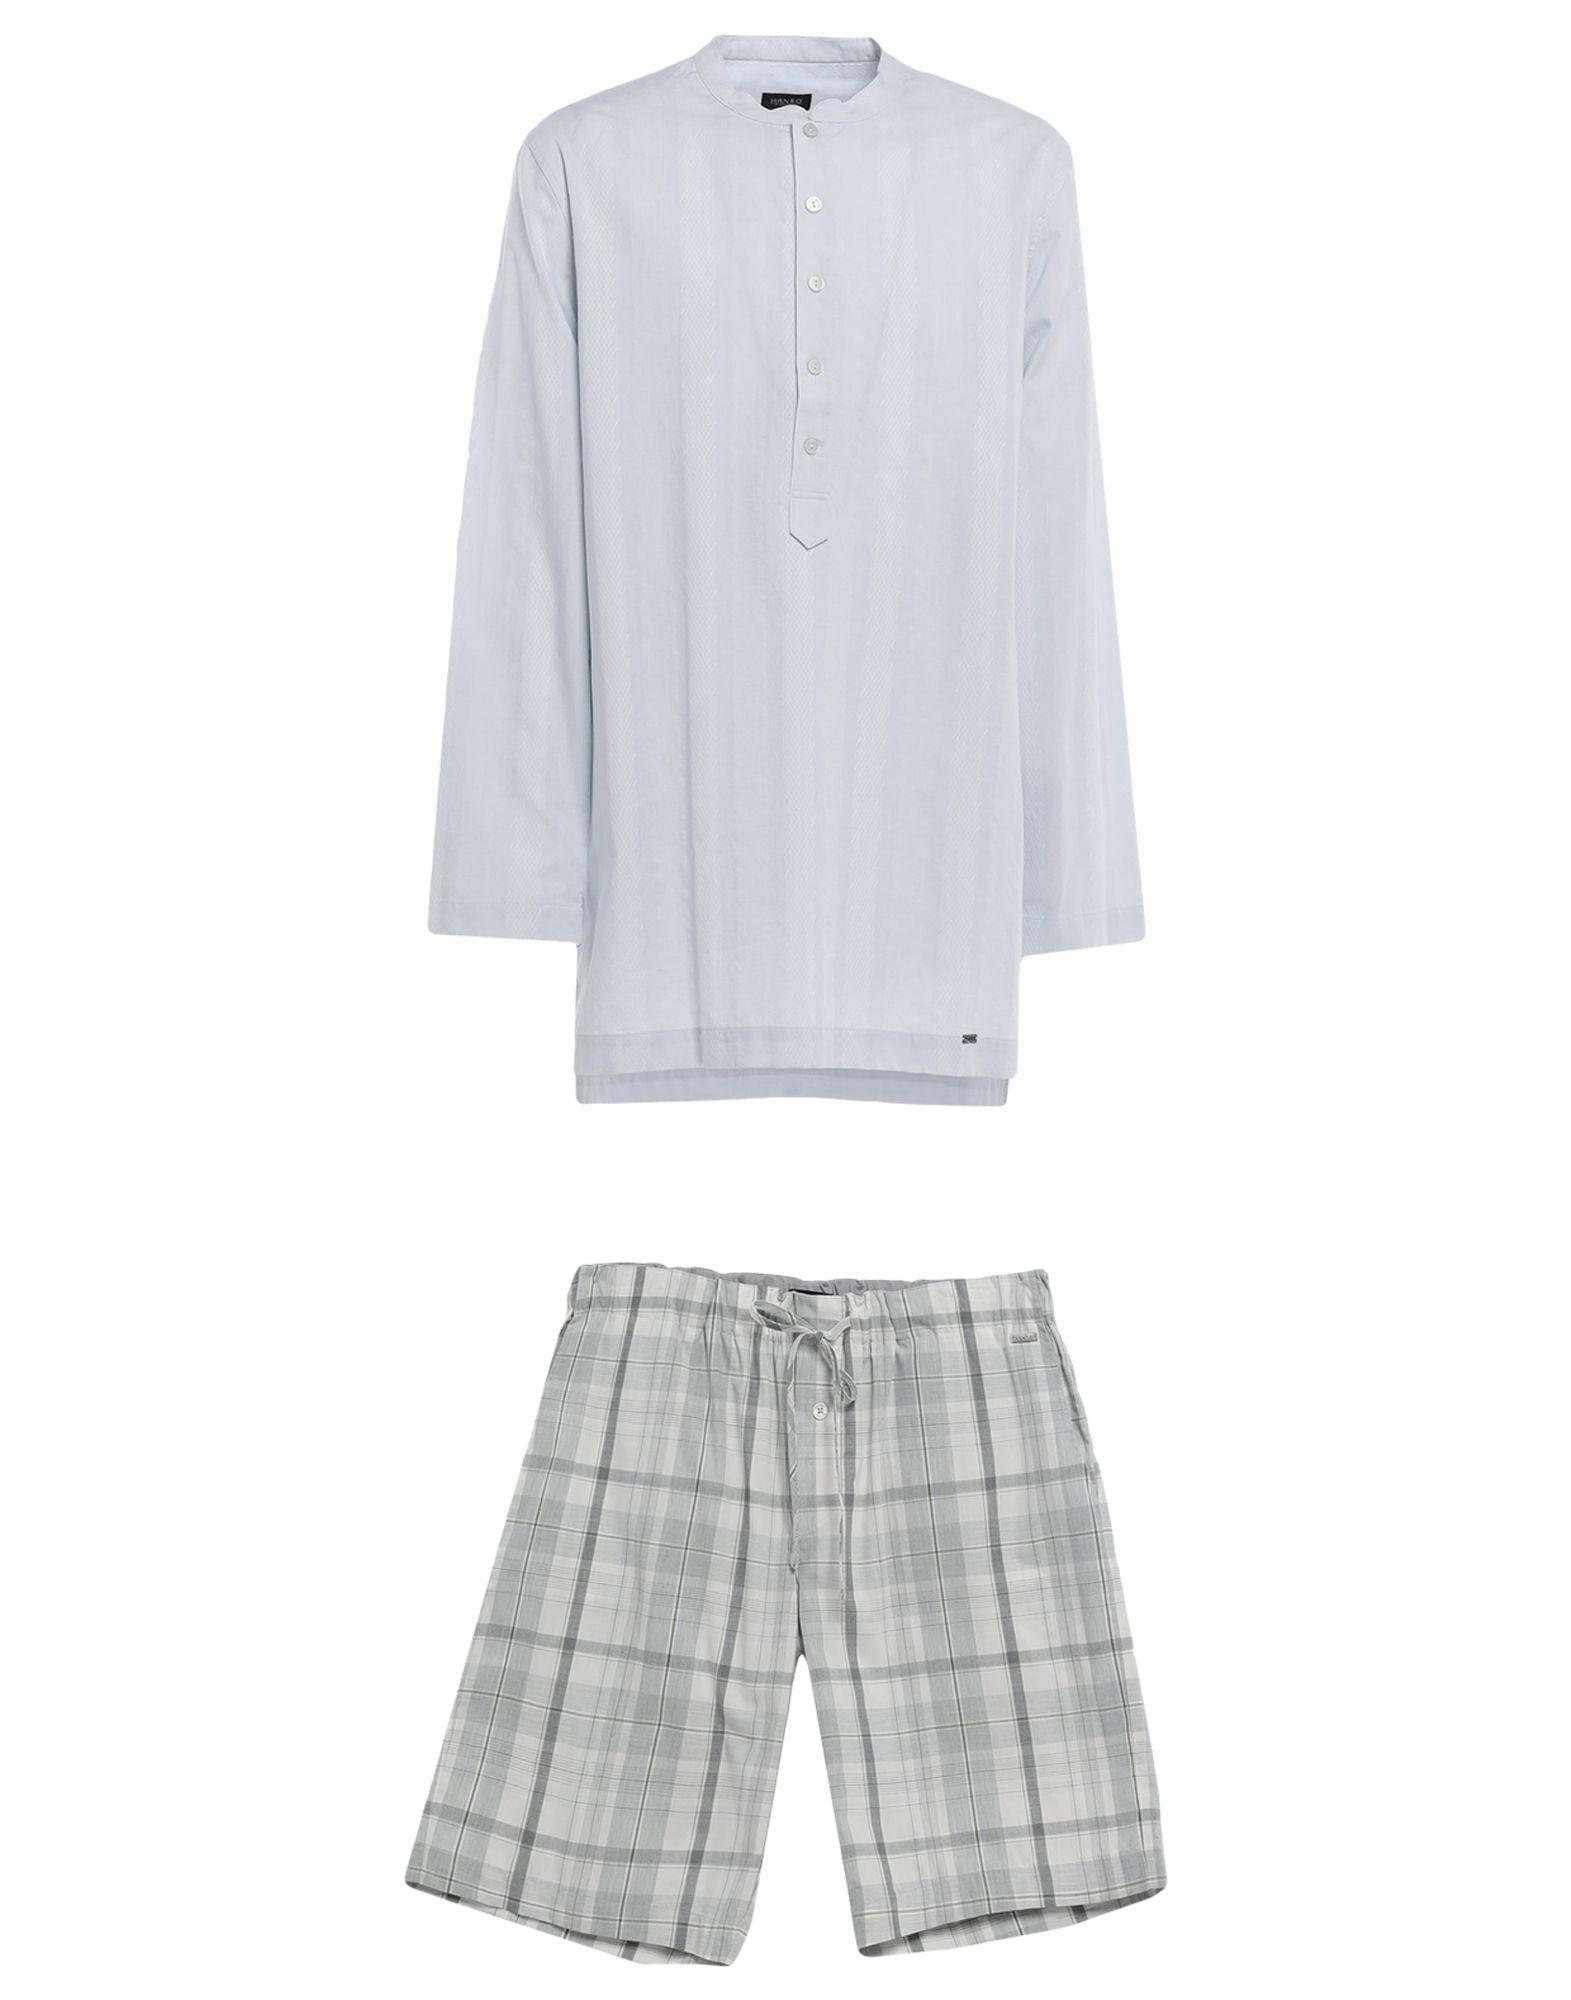 《期間限定セール中》HANRO メンズ パジャマ ライトグレー M 100% コットン